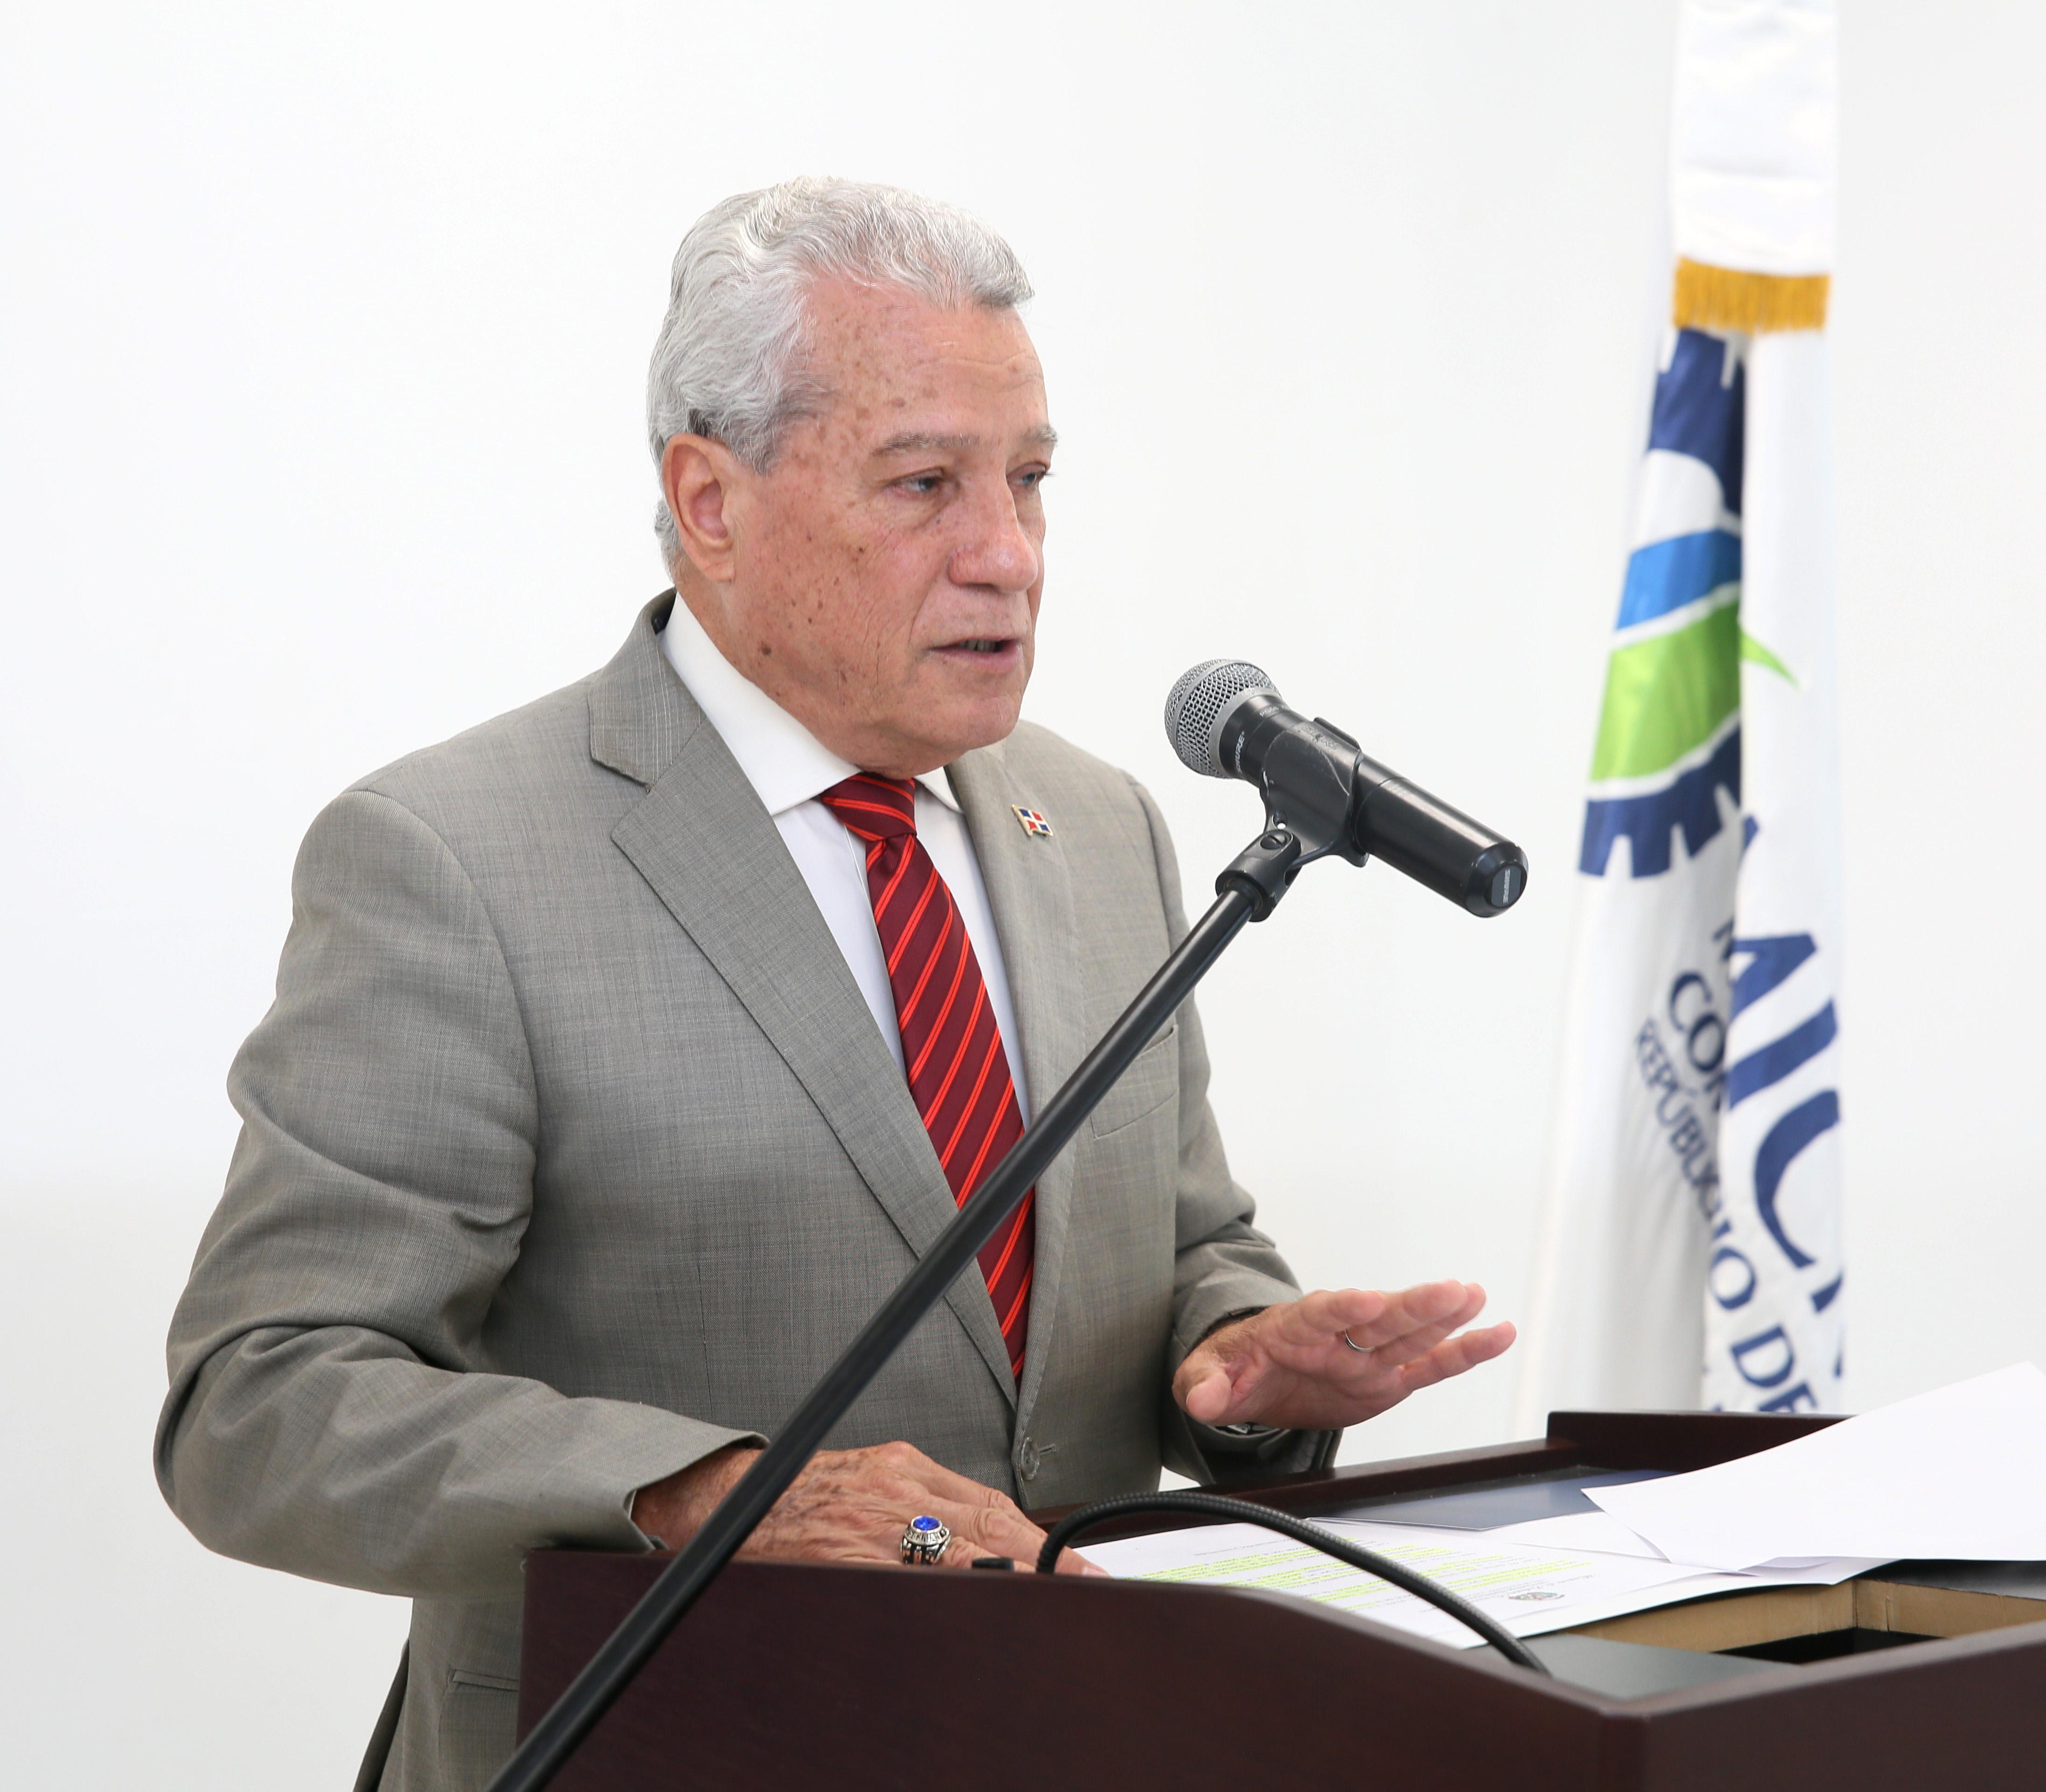 MICM solicita al procurador investigar denuncias de ANADEGAS y FENATRANO sobre supuesta mafia en venta de combustible